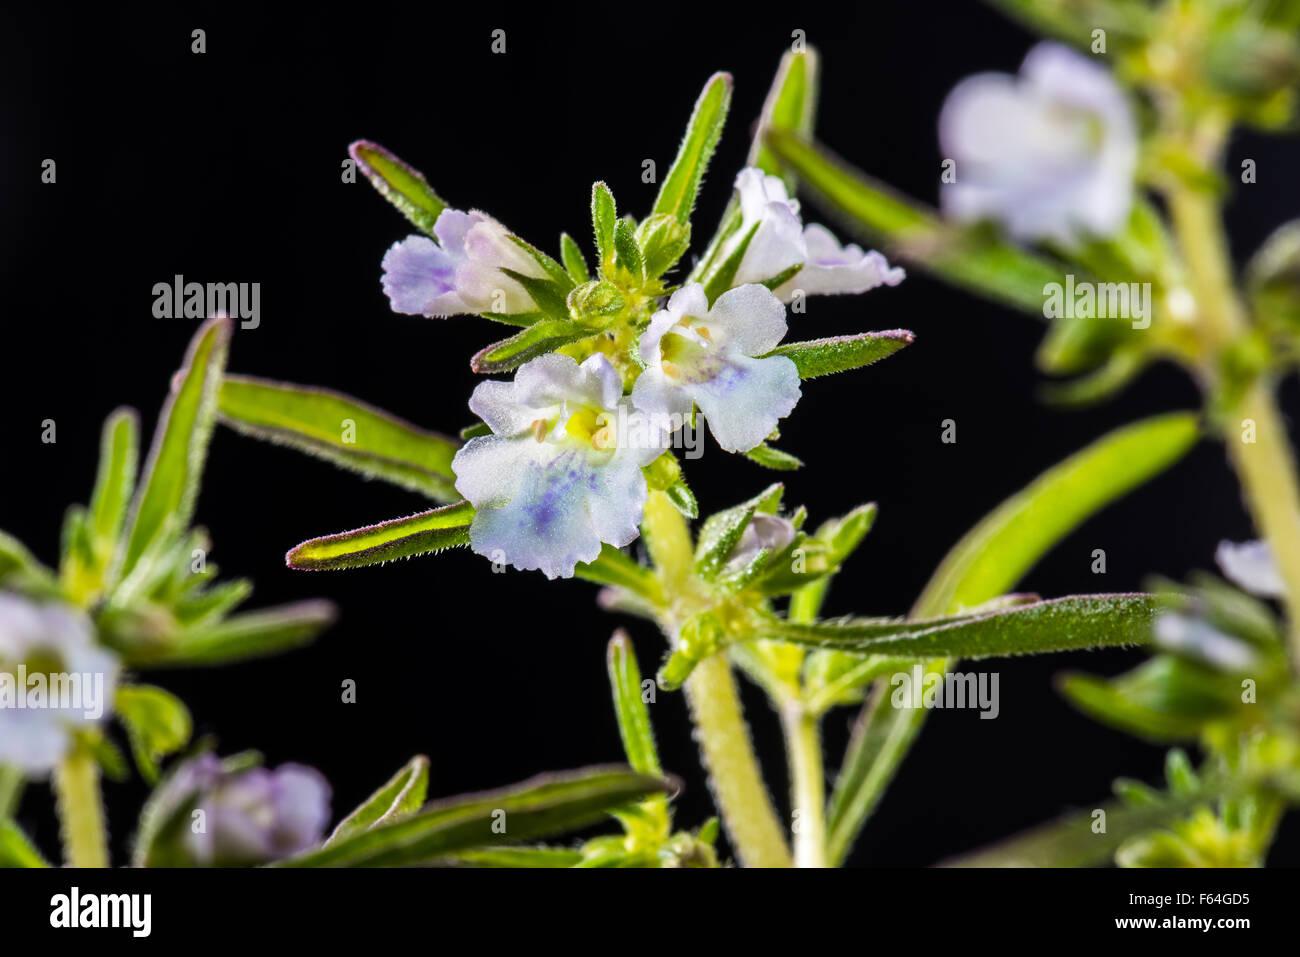 Savory, spice, seasoning, bloom, blooming, in bloom, plant